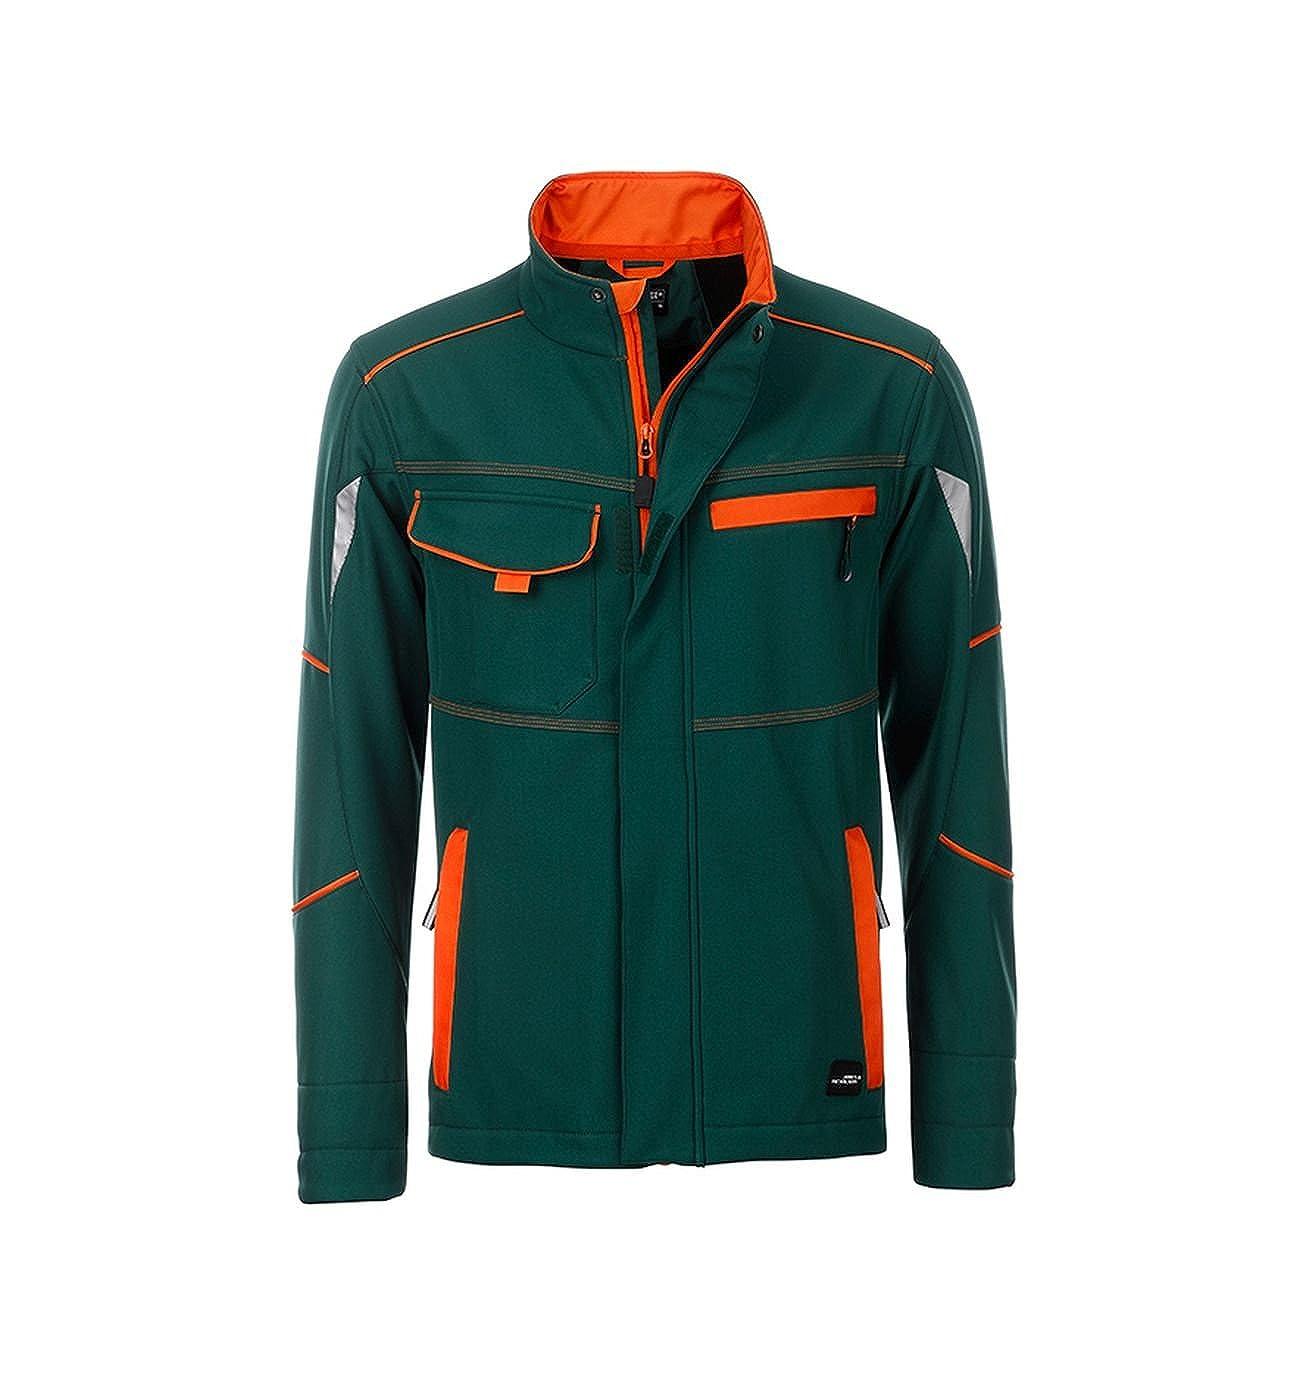 2Store24 Hochwertige Arbeitsjacke Softshell Jacke Arbeitskleidung B077Q5J136 Arbeitskleidung & Uniformen Fairer Preis